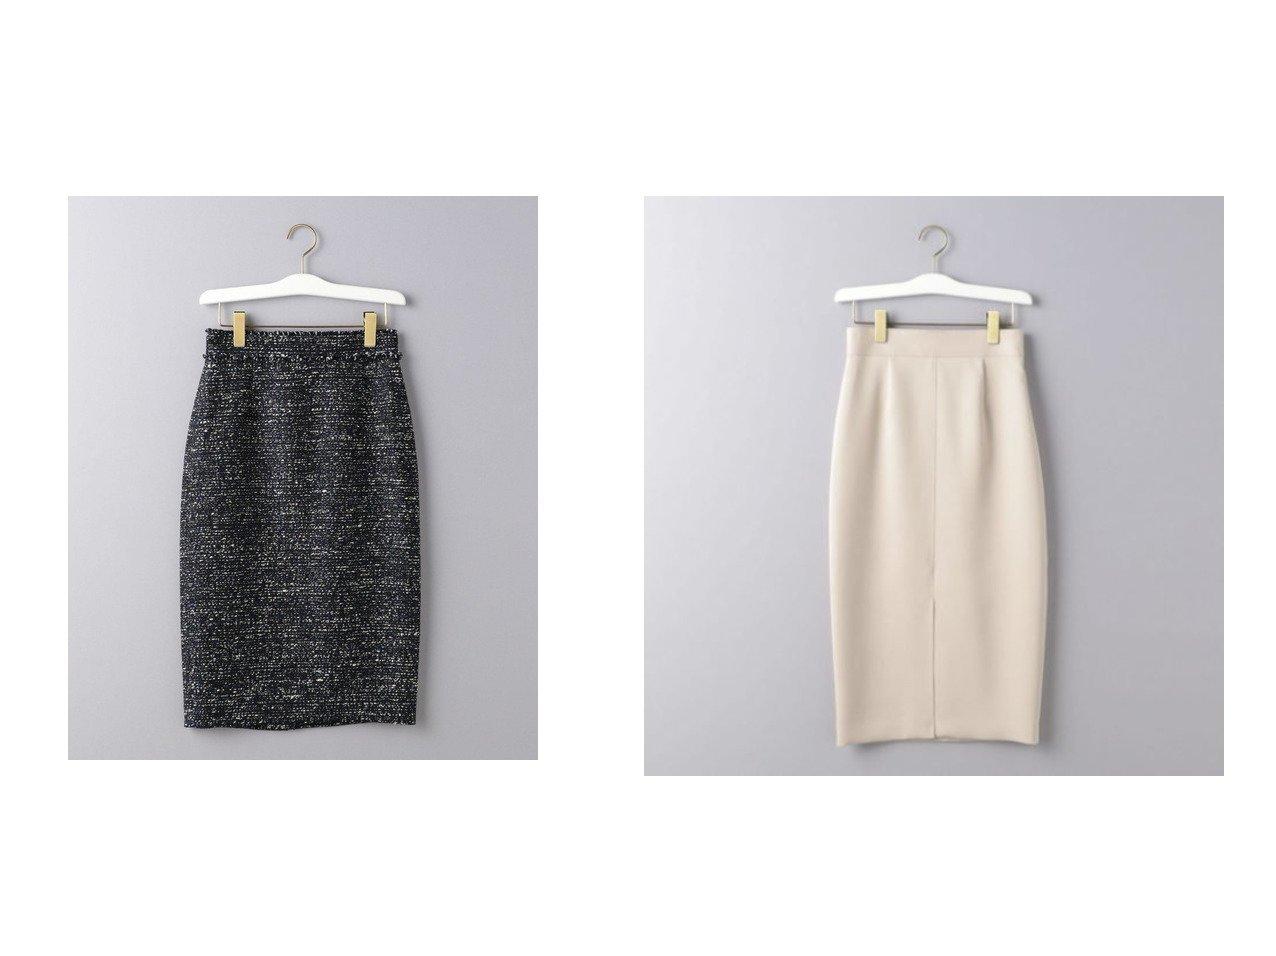 【UNITED ARROWS/ユナイテッドアローズ】のUBC ファンシーツイード タイトスカート&UBCB サテン フロントベントスカート スカートのおすすめ!人気、トレンド・レディースファッションの通販 おすすめで人気の流行・トレンド、ファッションの通販商品 メンズファッション・キッズファッション・インテリア・家具・レディースファッション・服の通販 founy(ファニー) https://founy.com/ ファッション Fashion レディースファッション WOMEN スカート Skirt サテン タイトスカート NEW・新作・新着・新入荷 New Arrivals ツィード ツイード フランス フリンジ |ID:crp329100000023882